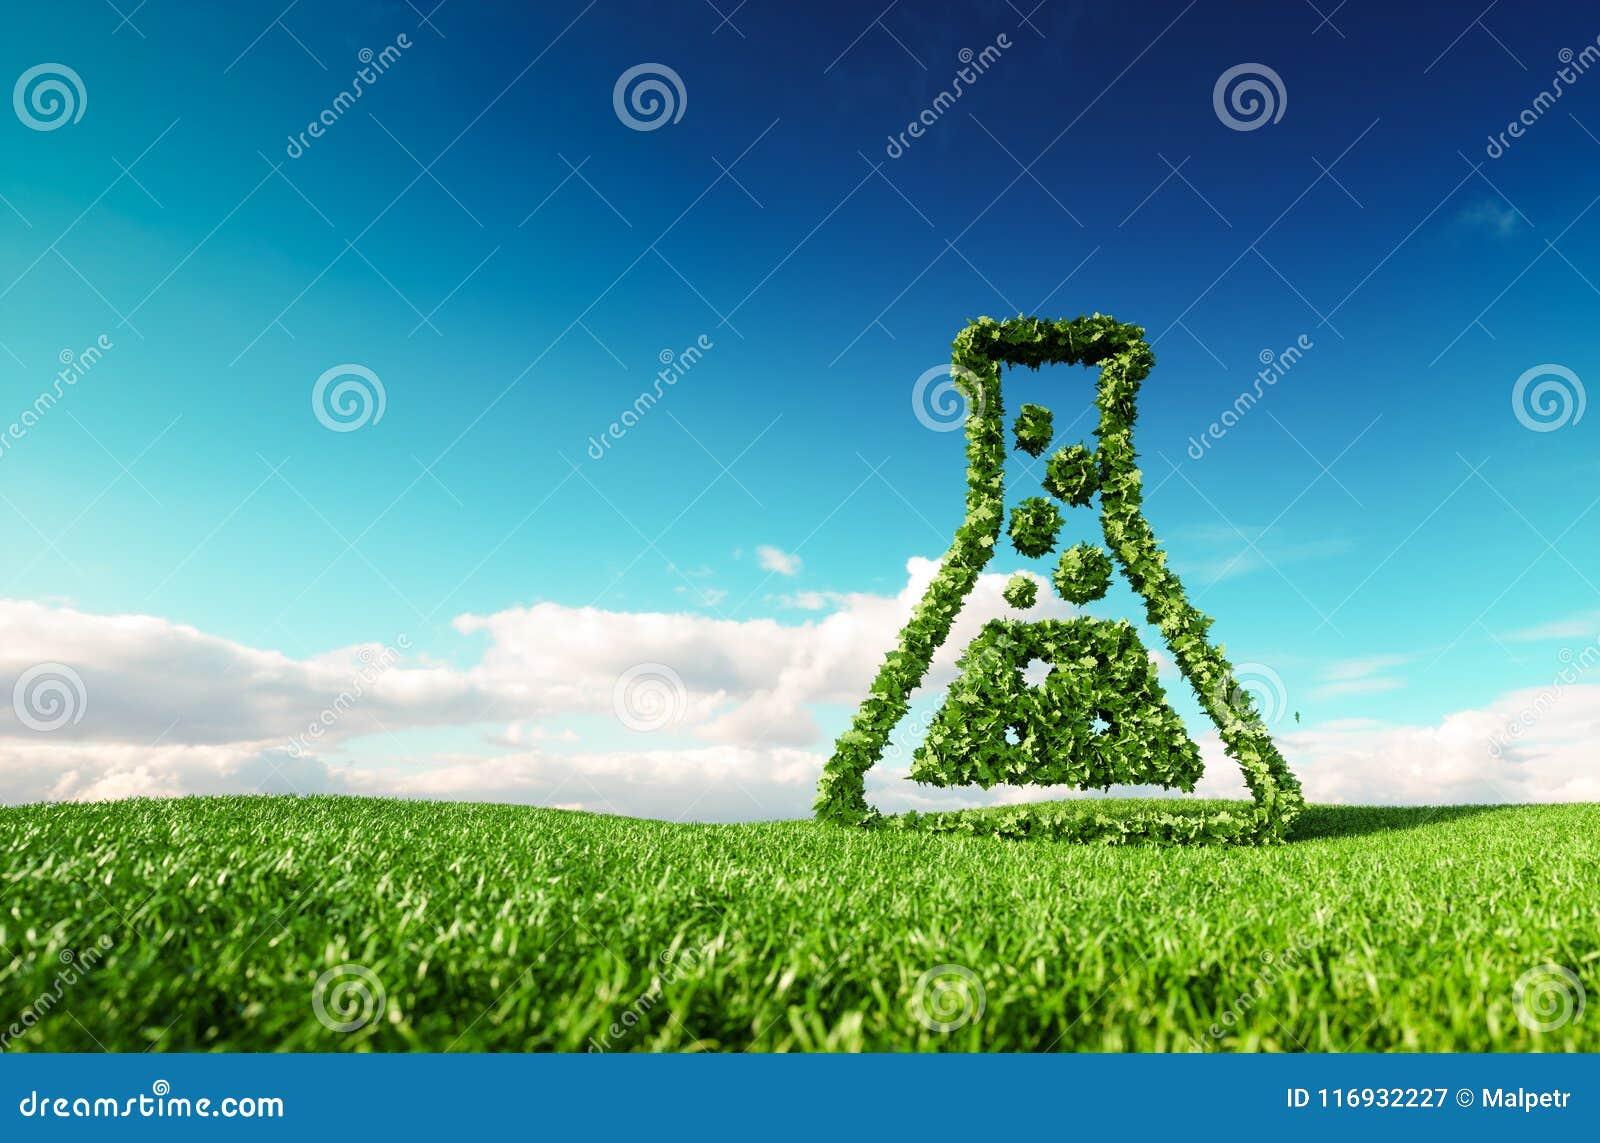 Eco amichevole, bio-, nessuno spreco, inquinamento zero, agri senza antiparassitari